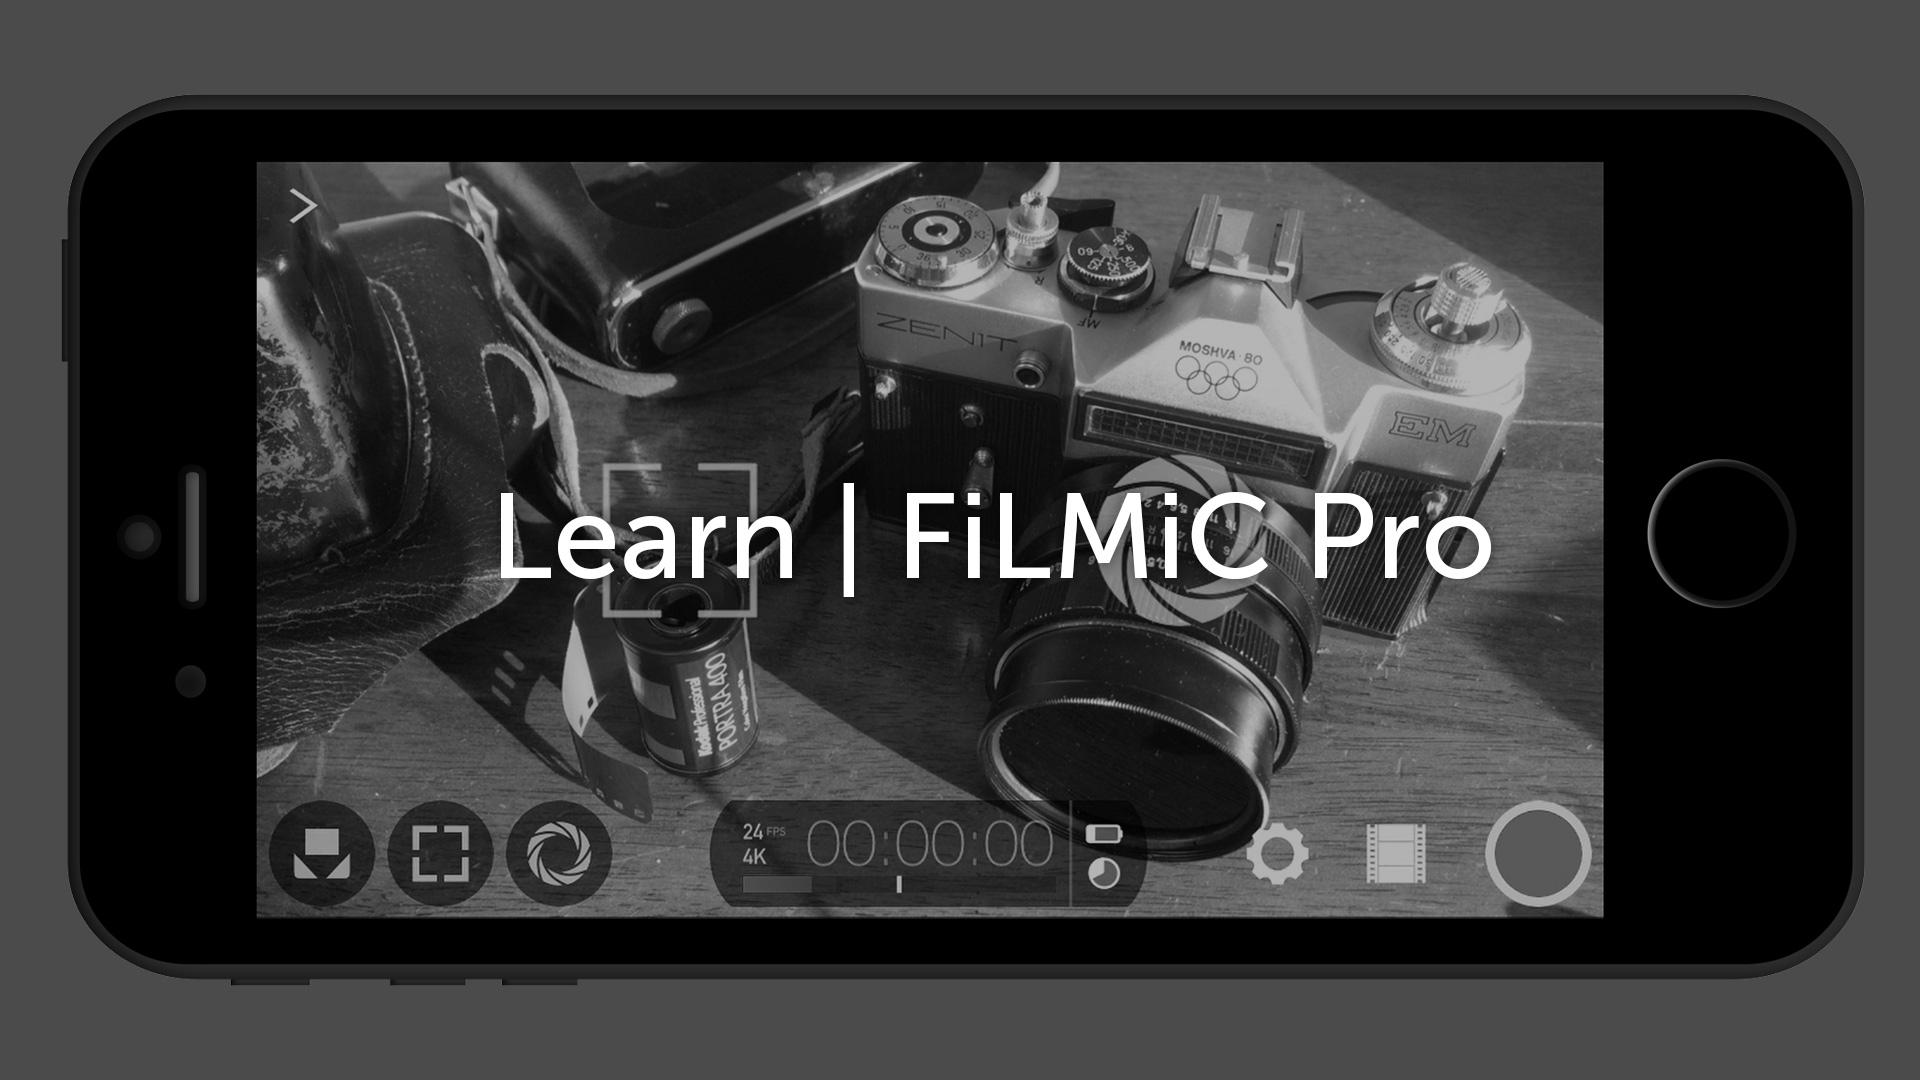 スマートフォンビデオの基礎 - FilmicProのチュートリアル